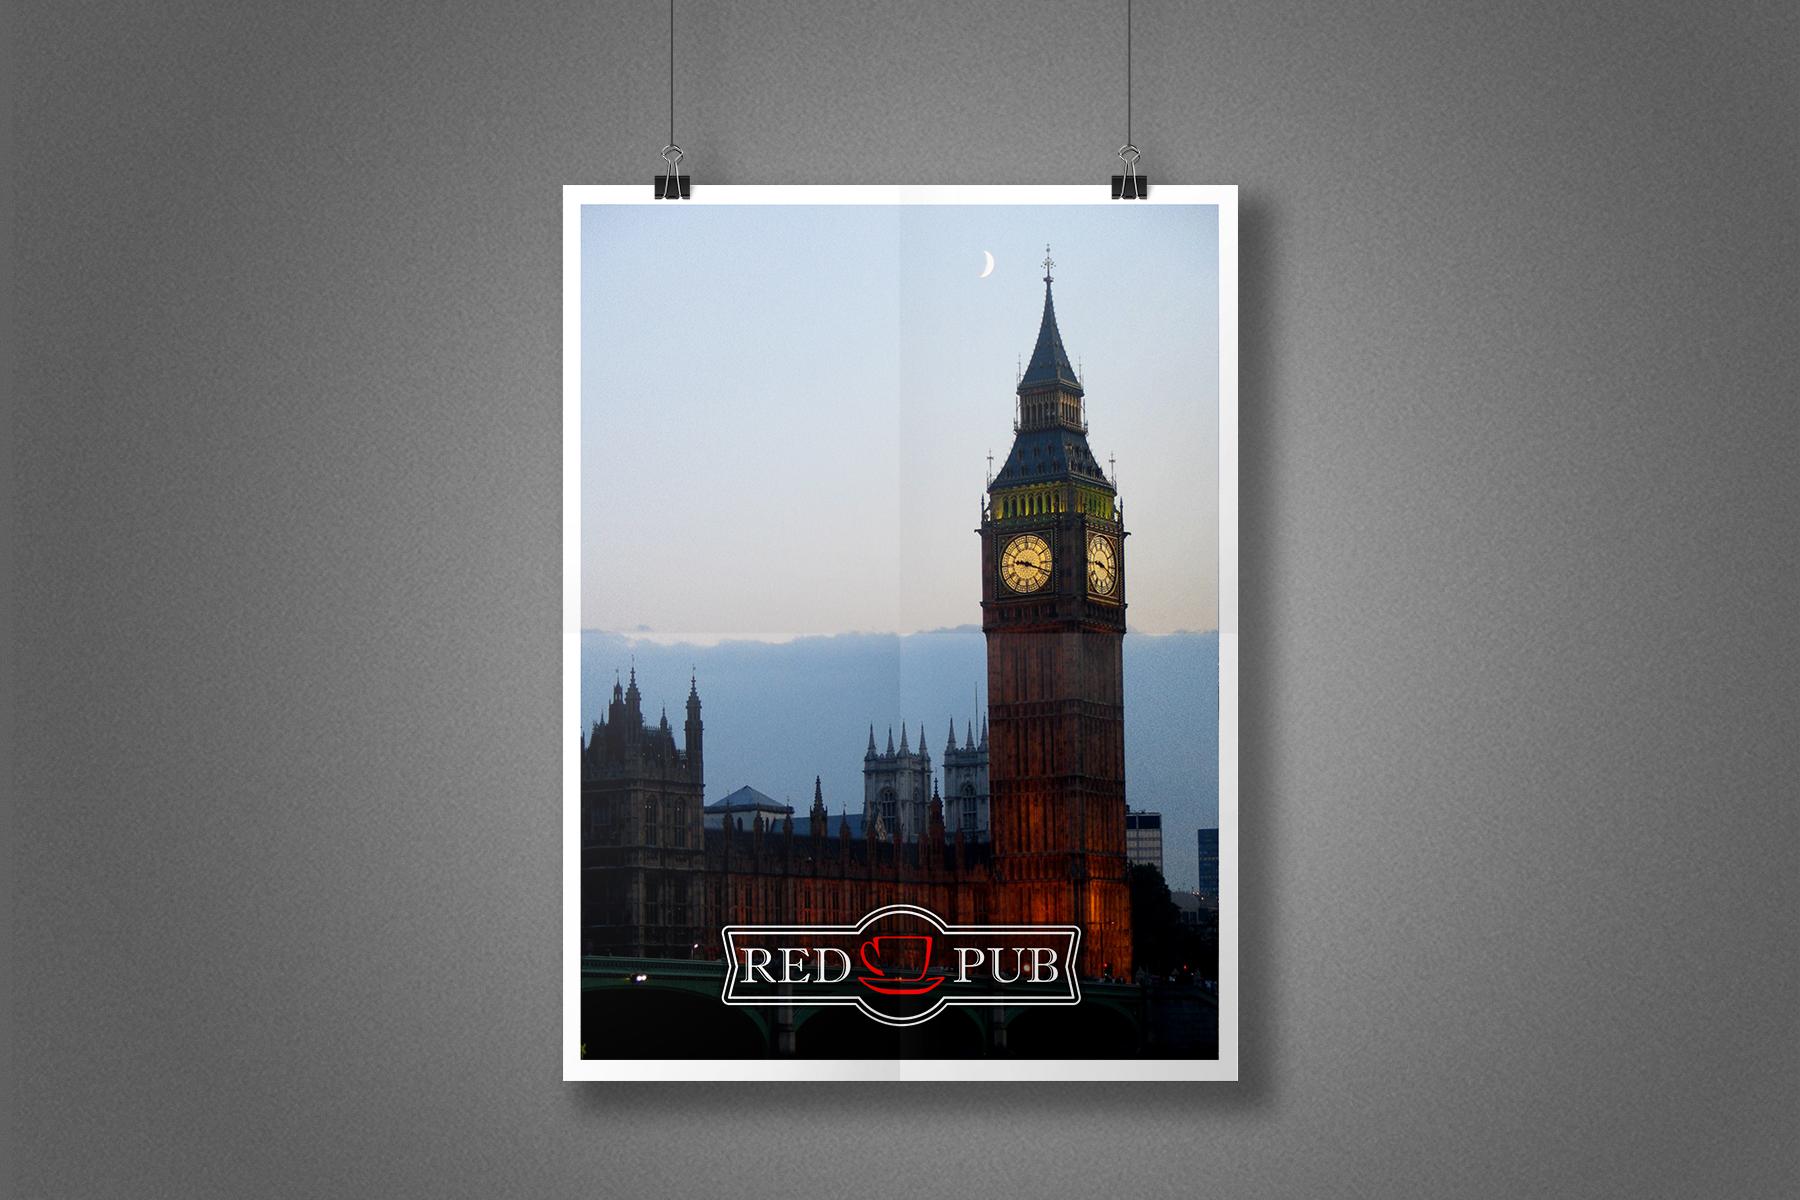 Плакат Red Cup Pub - Лондон, Биг Бен